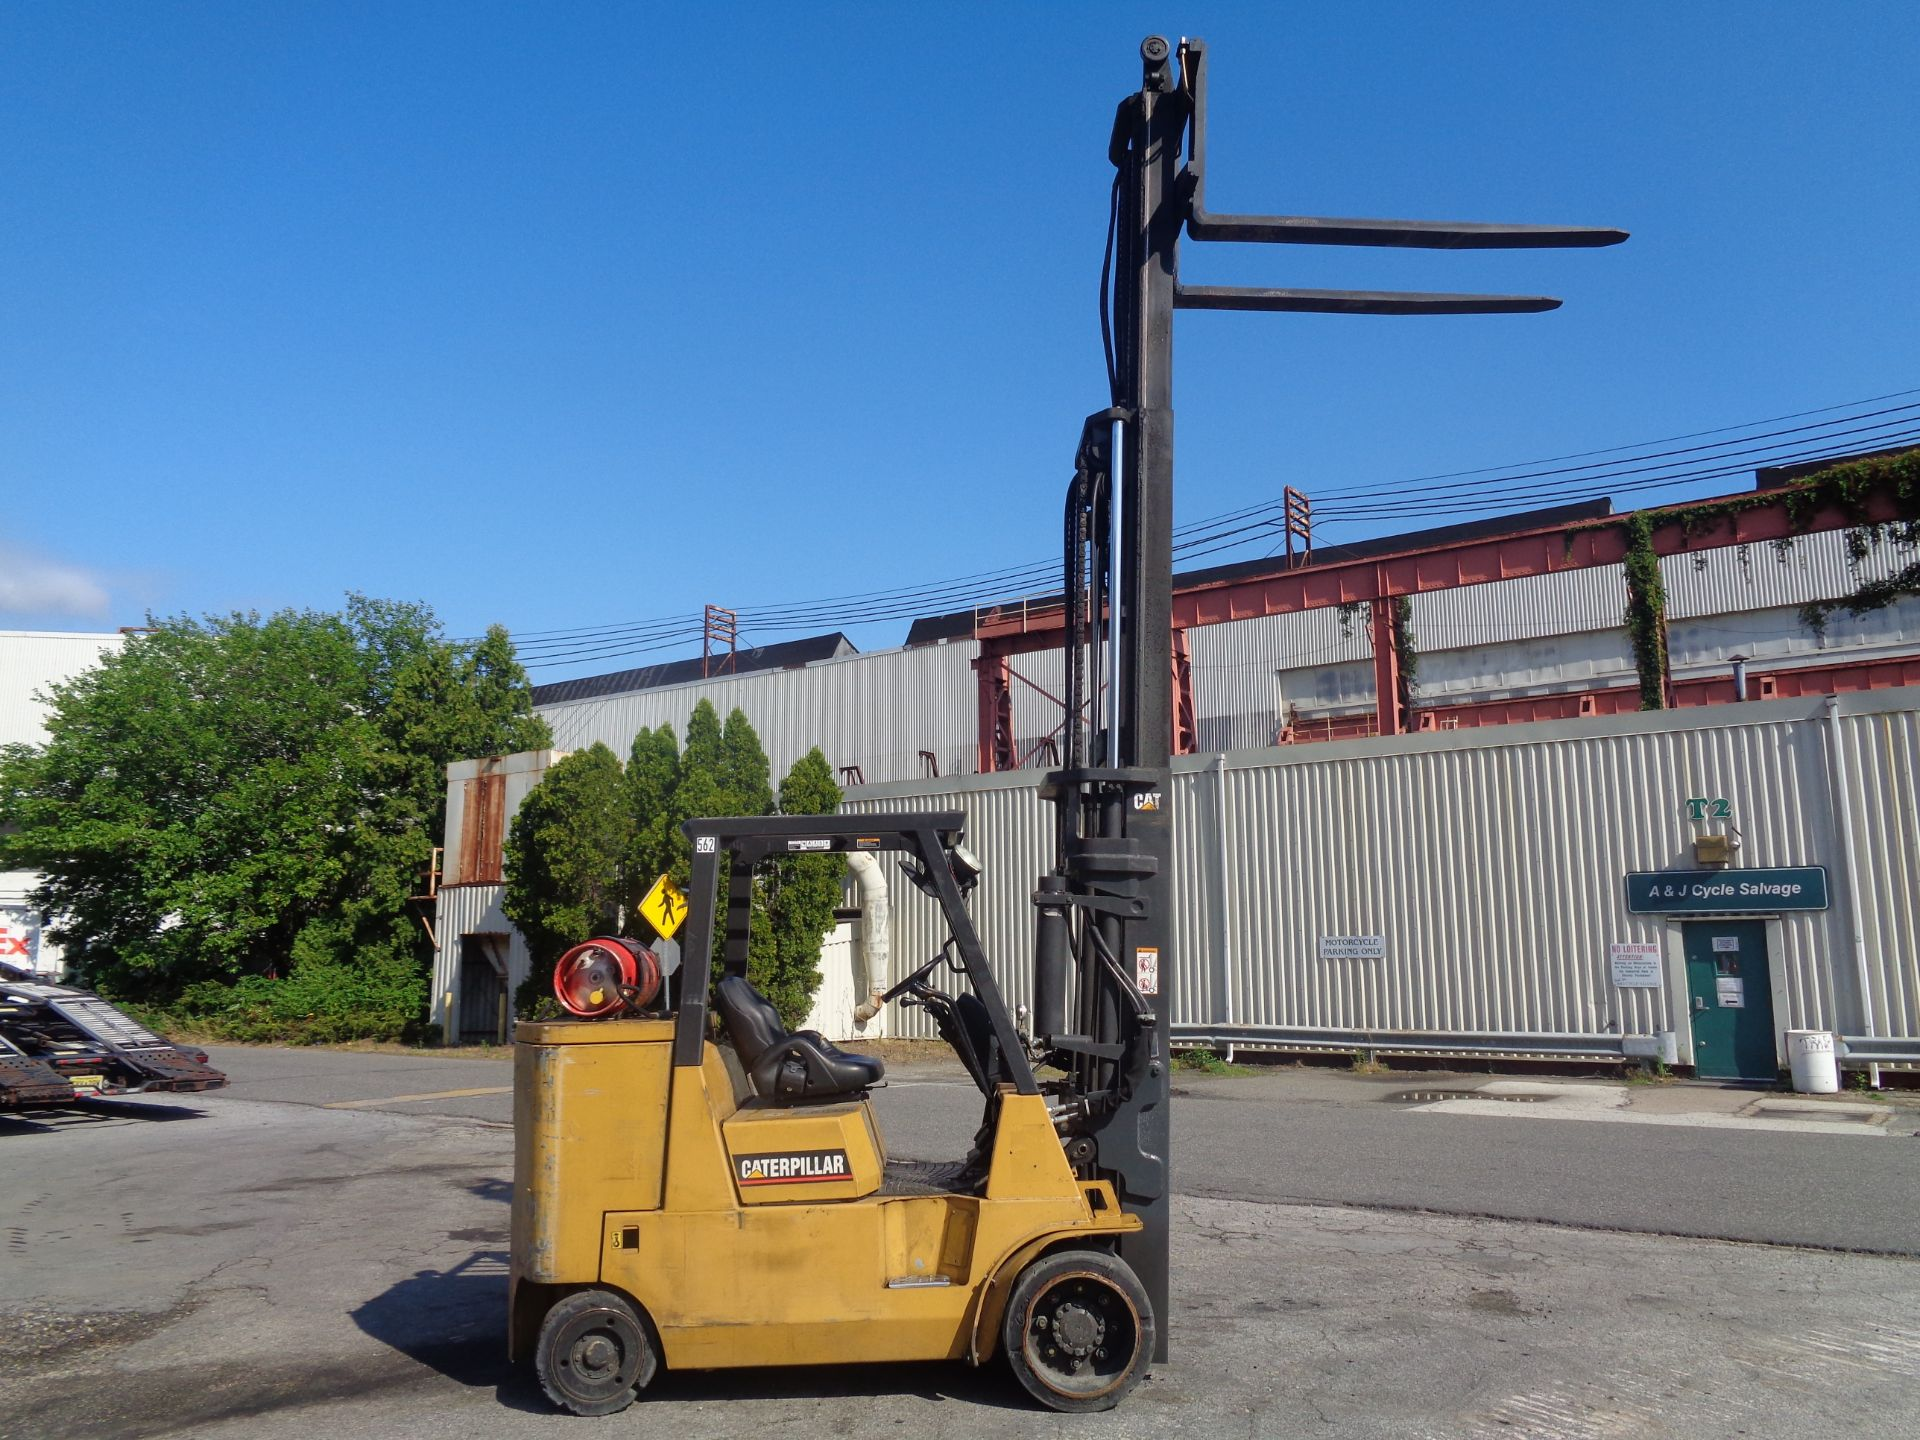 Caterpillar GC55KSTR 11,000lb Forklift - Image 14 of 14